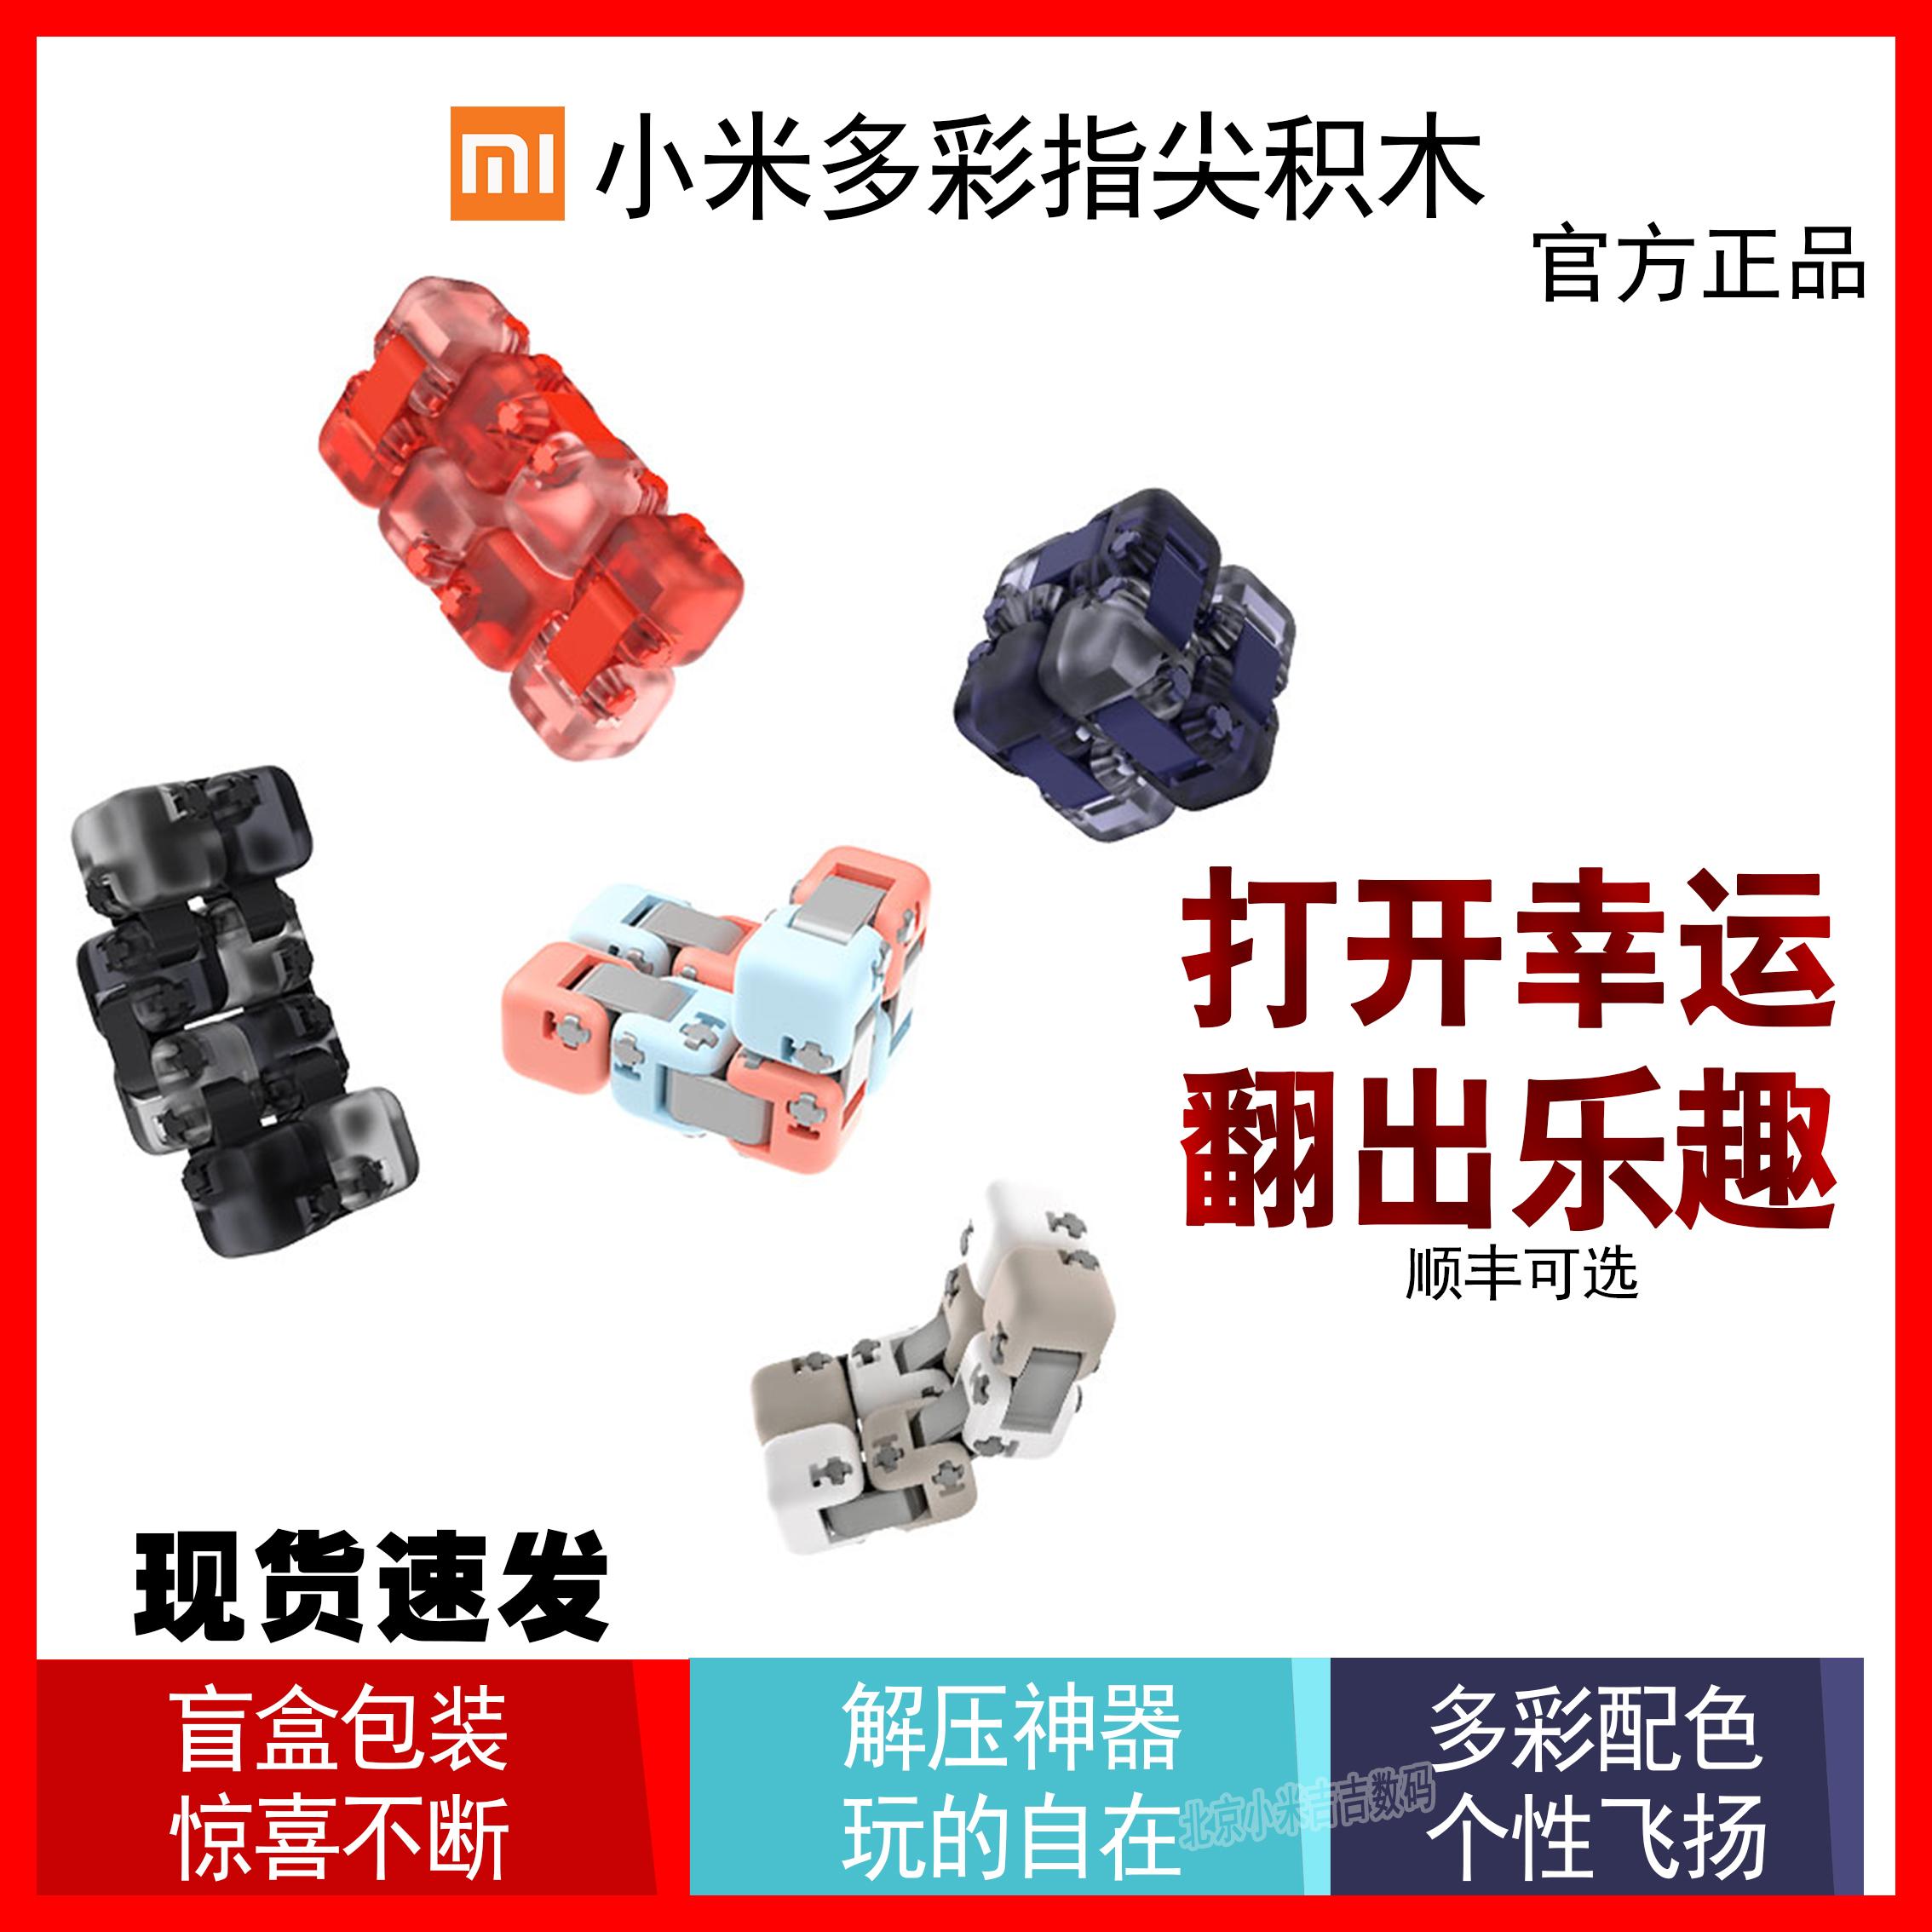 小米多彩指尖米兔减压神器拼装积木10-23新券